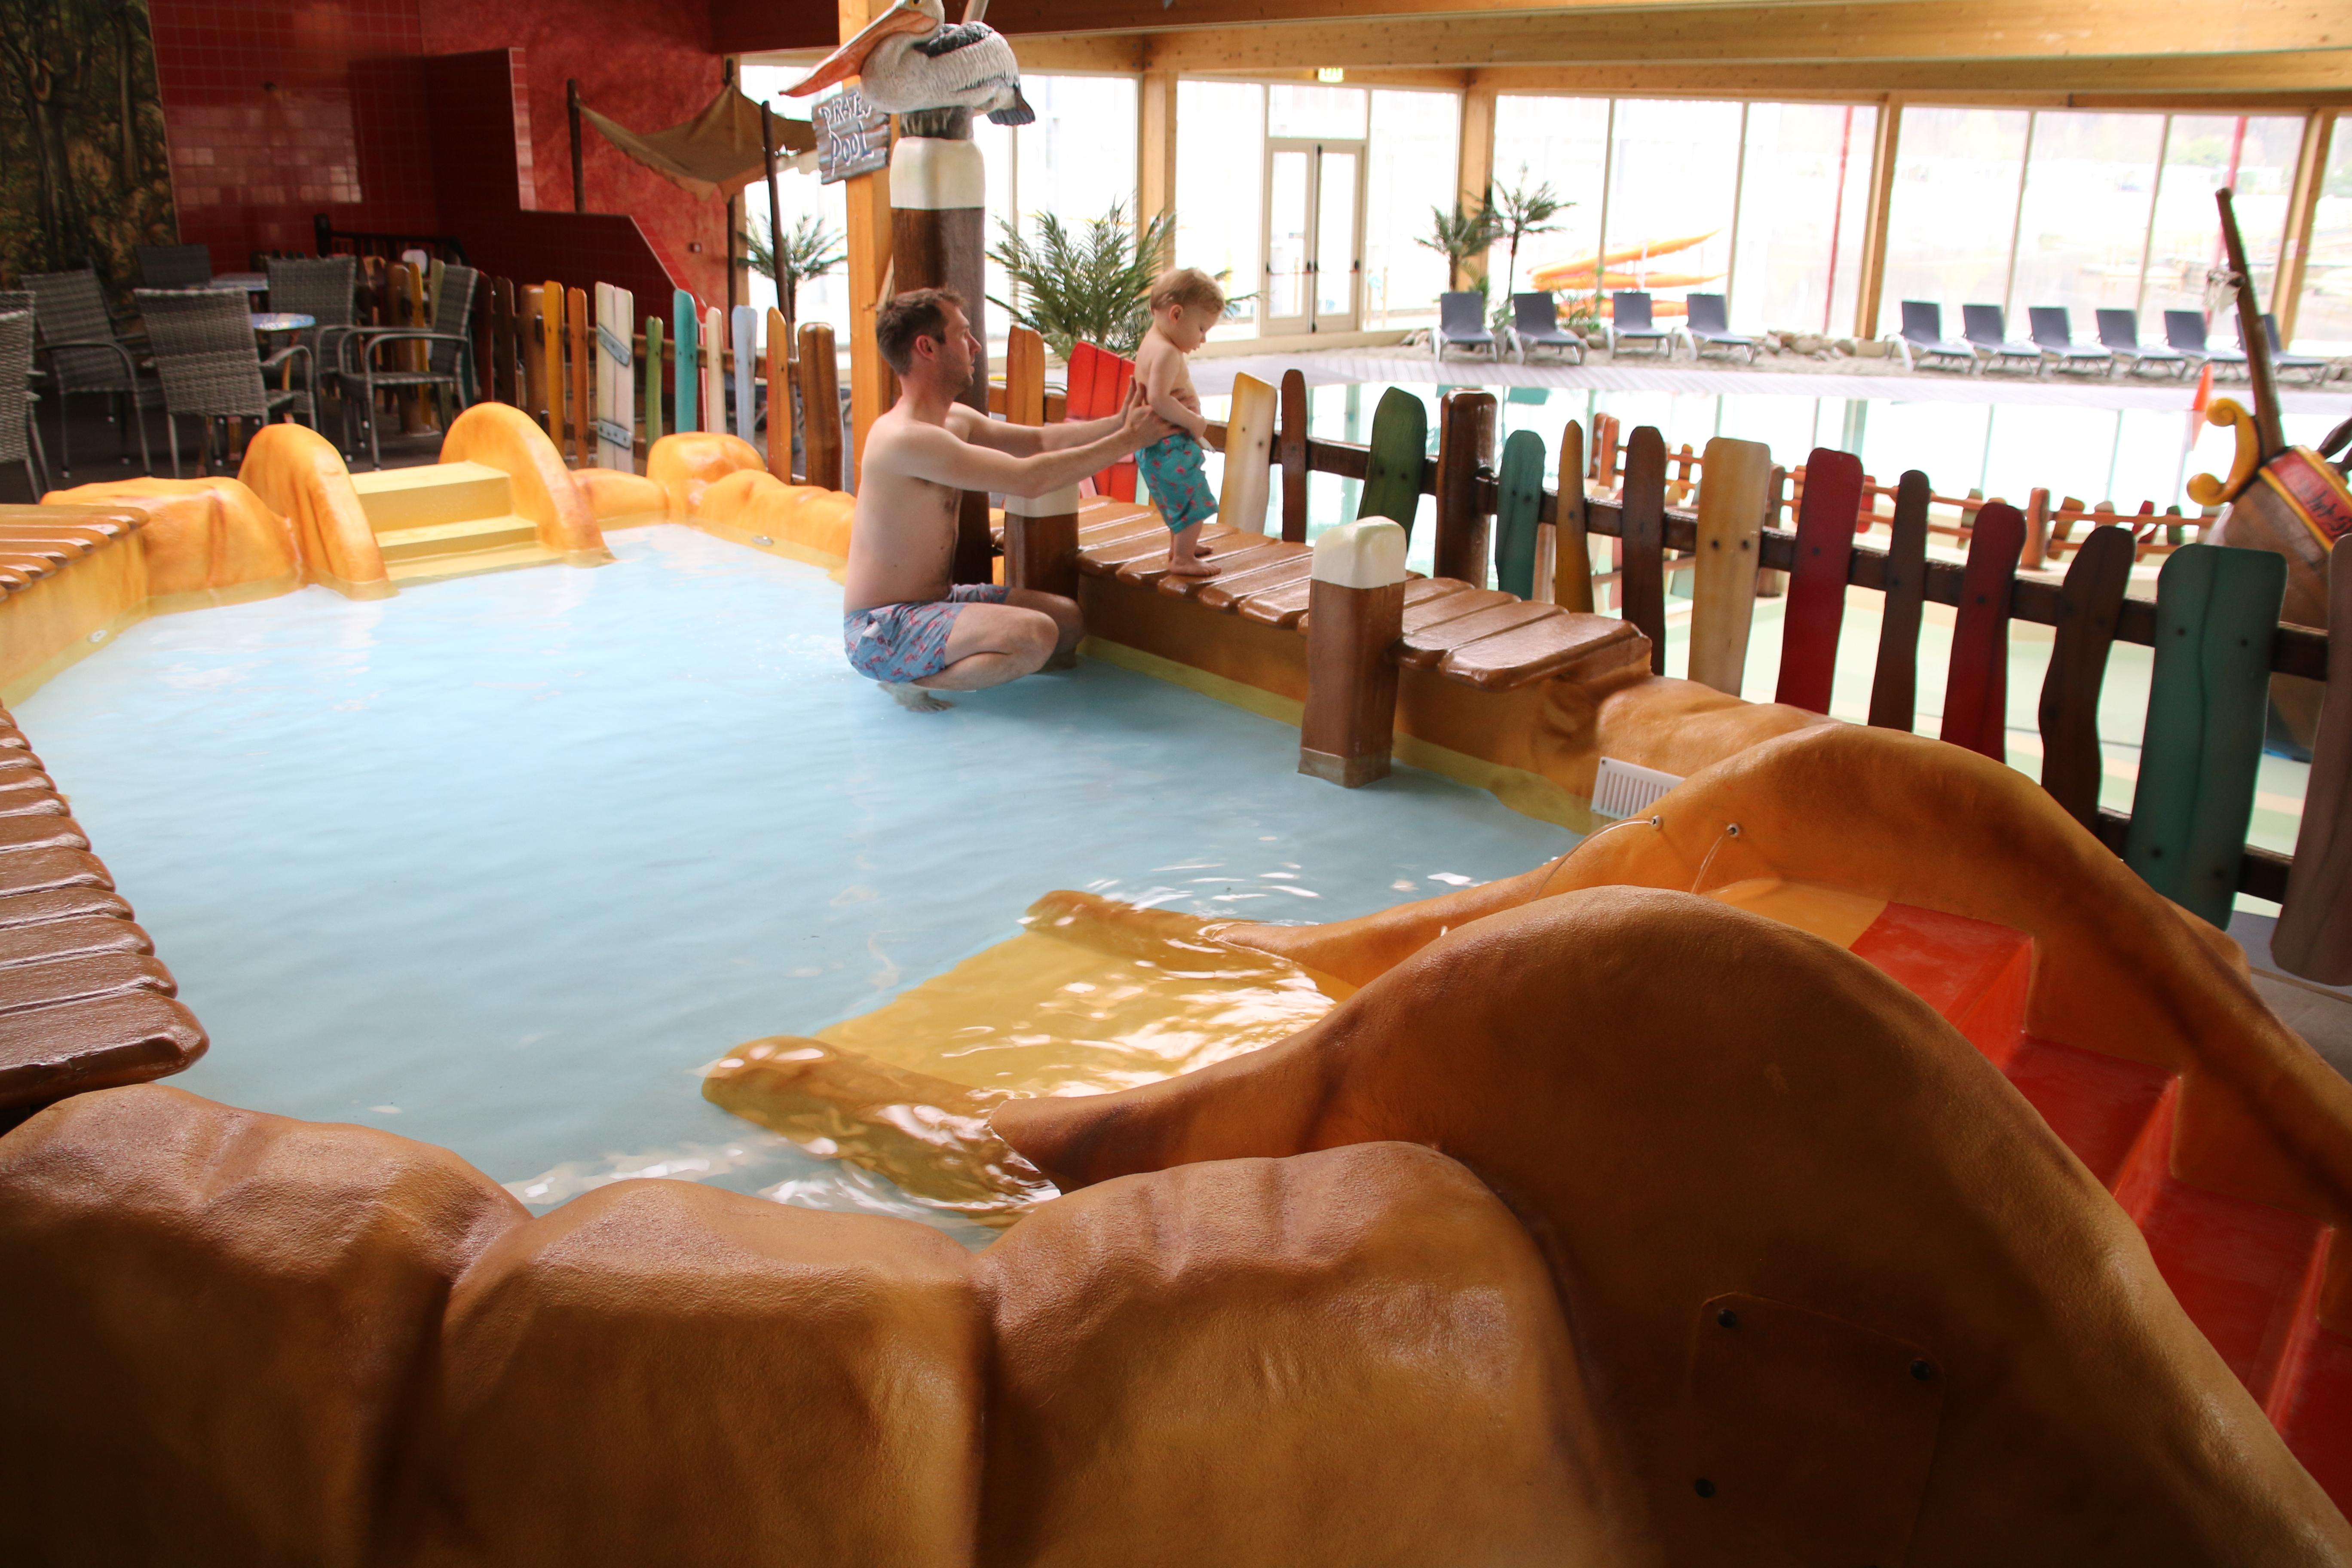 Zwembad reserveren - Peuterbad zwembad Overijssel